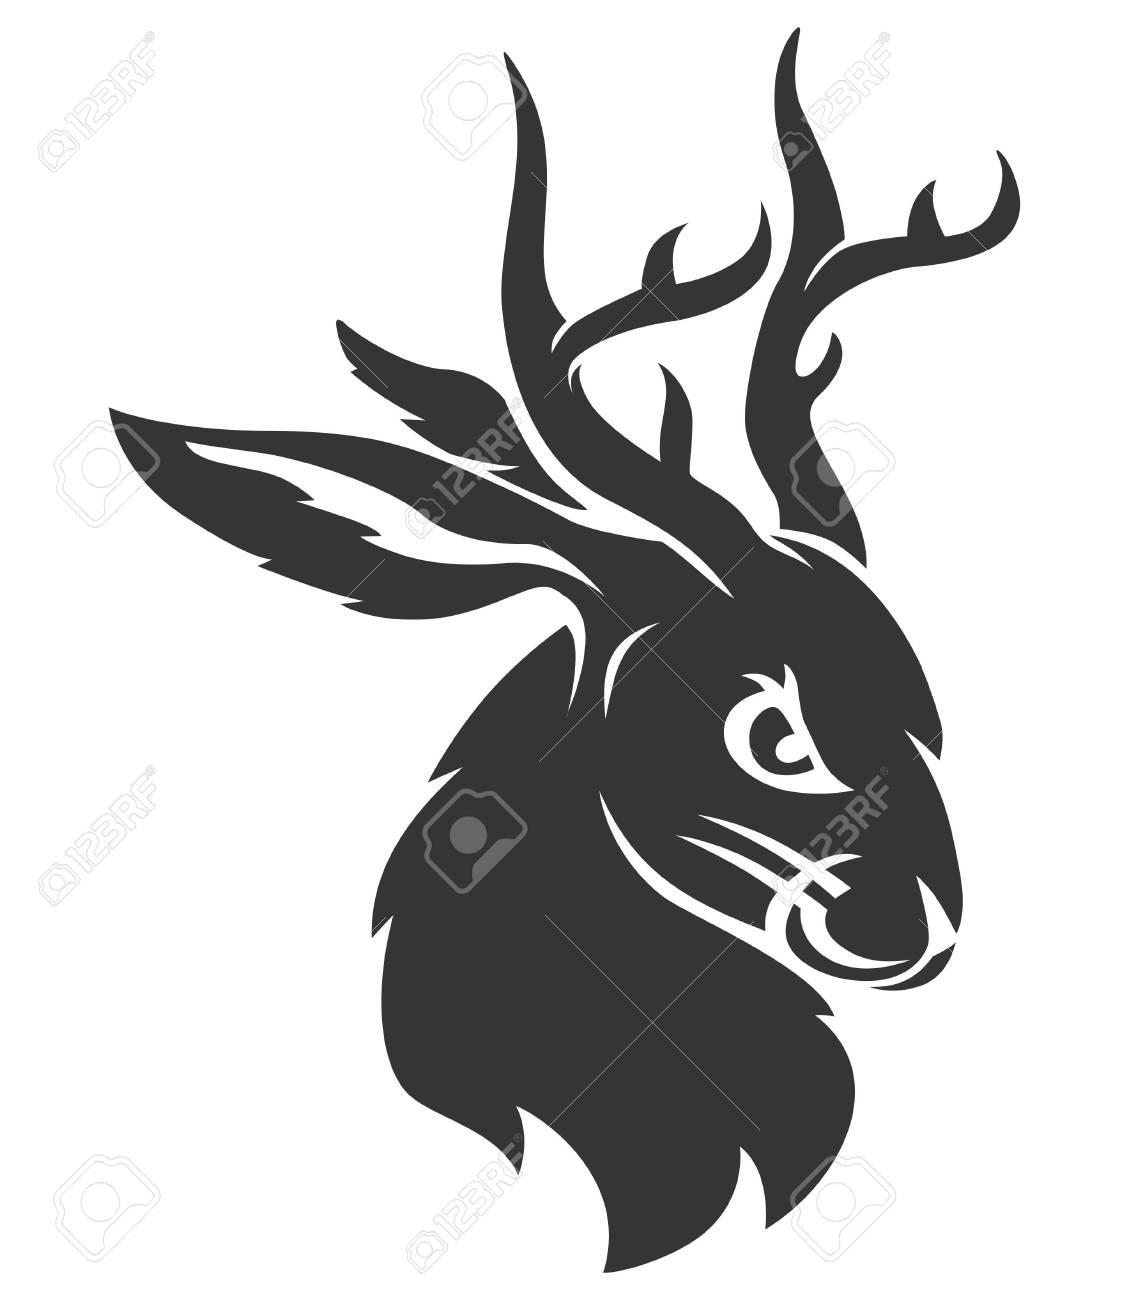 Jackalope black head - 122379118